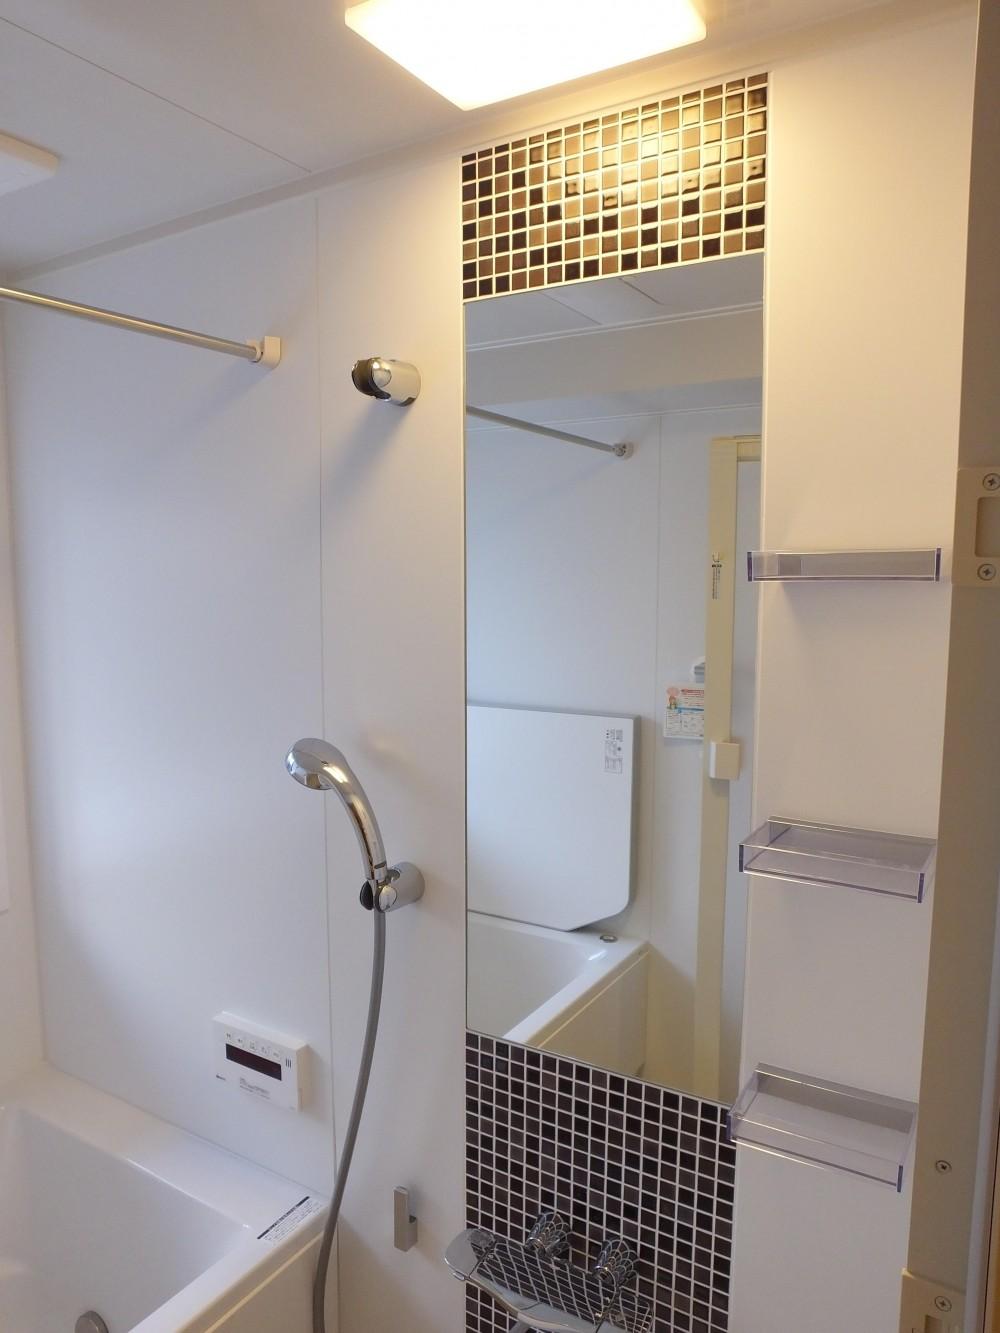 ホテルのような都会的でシンプルな内装を我が家に。 (シンプルなバスルーム)